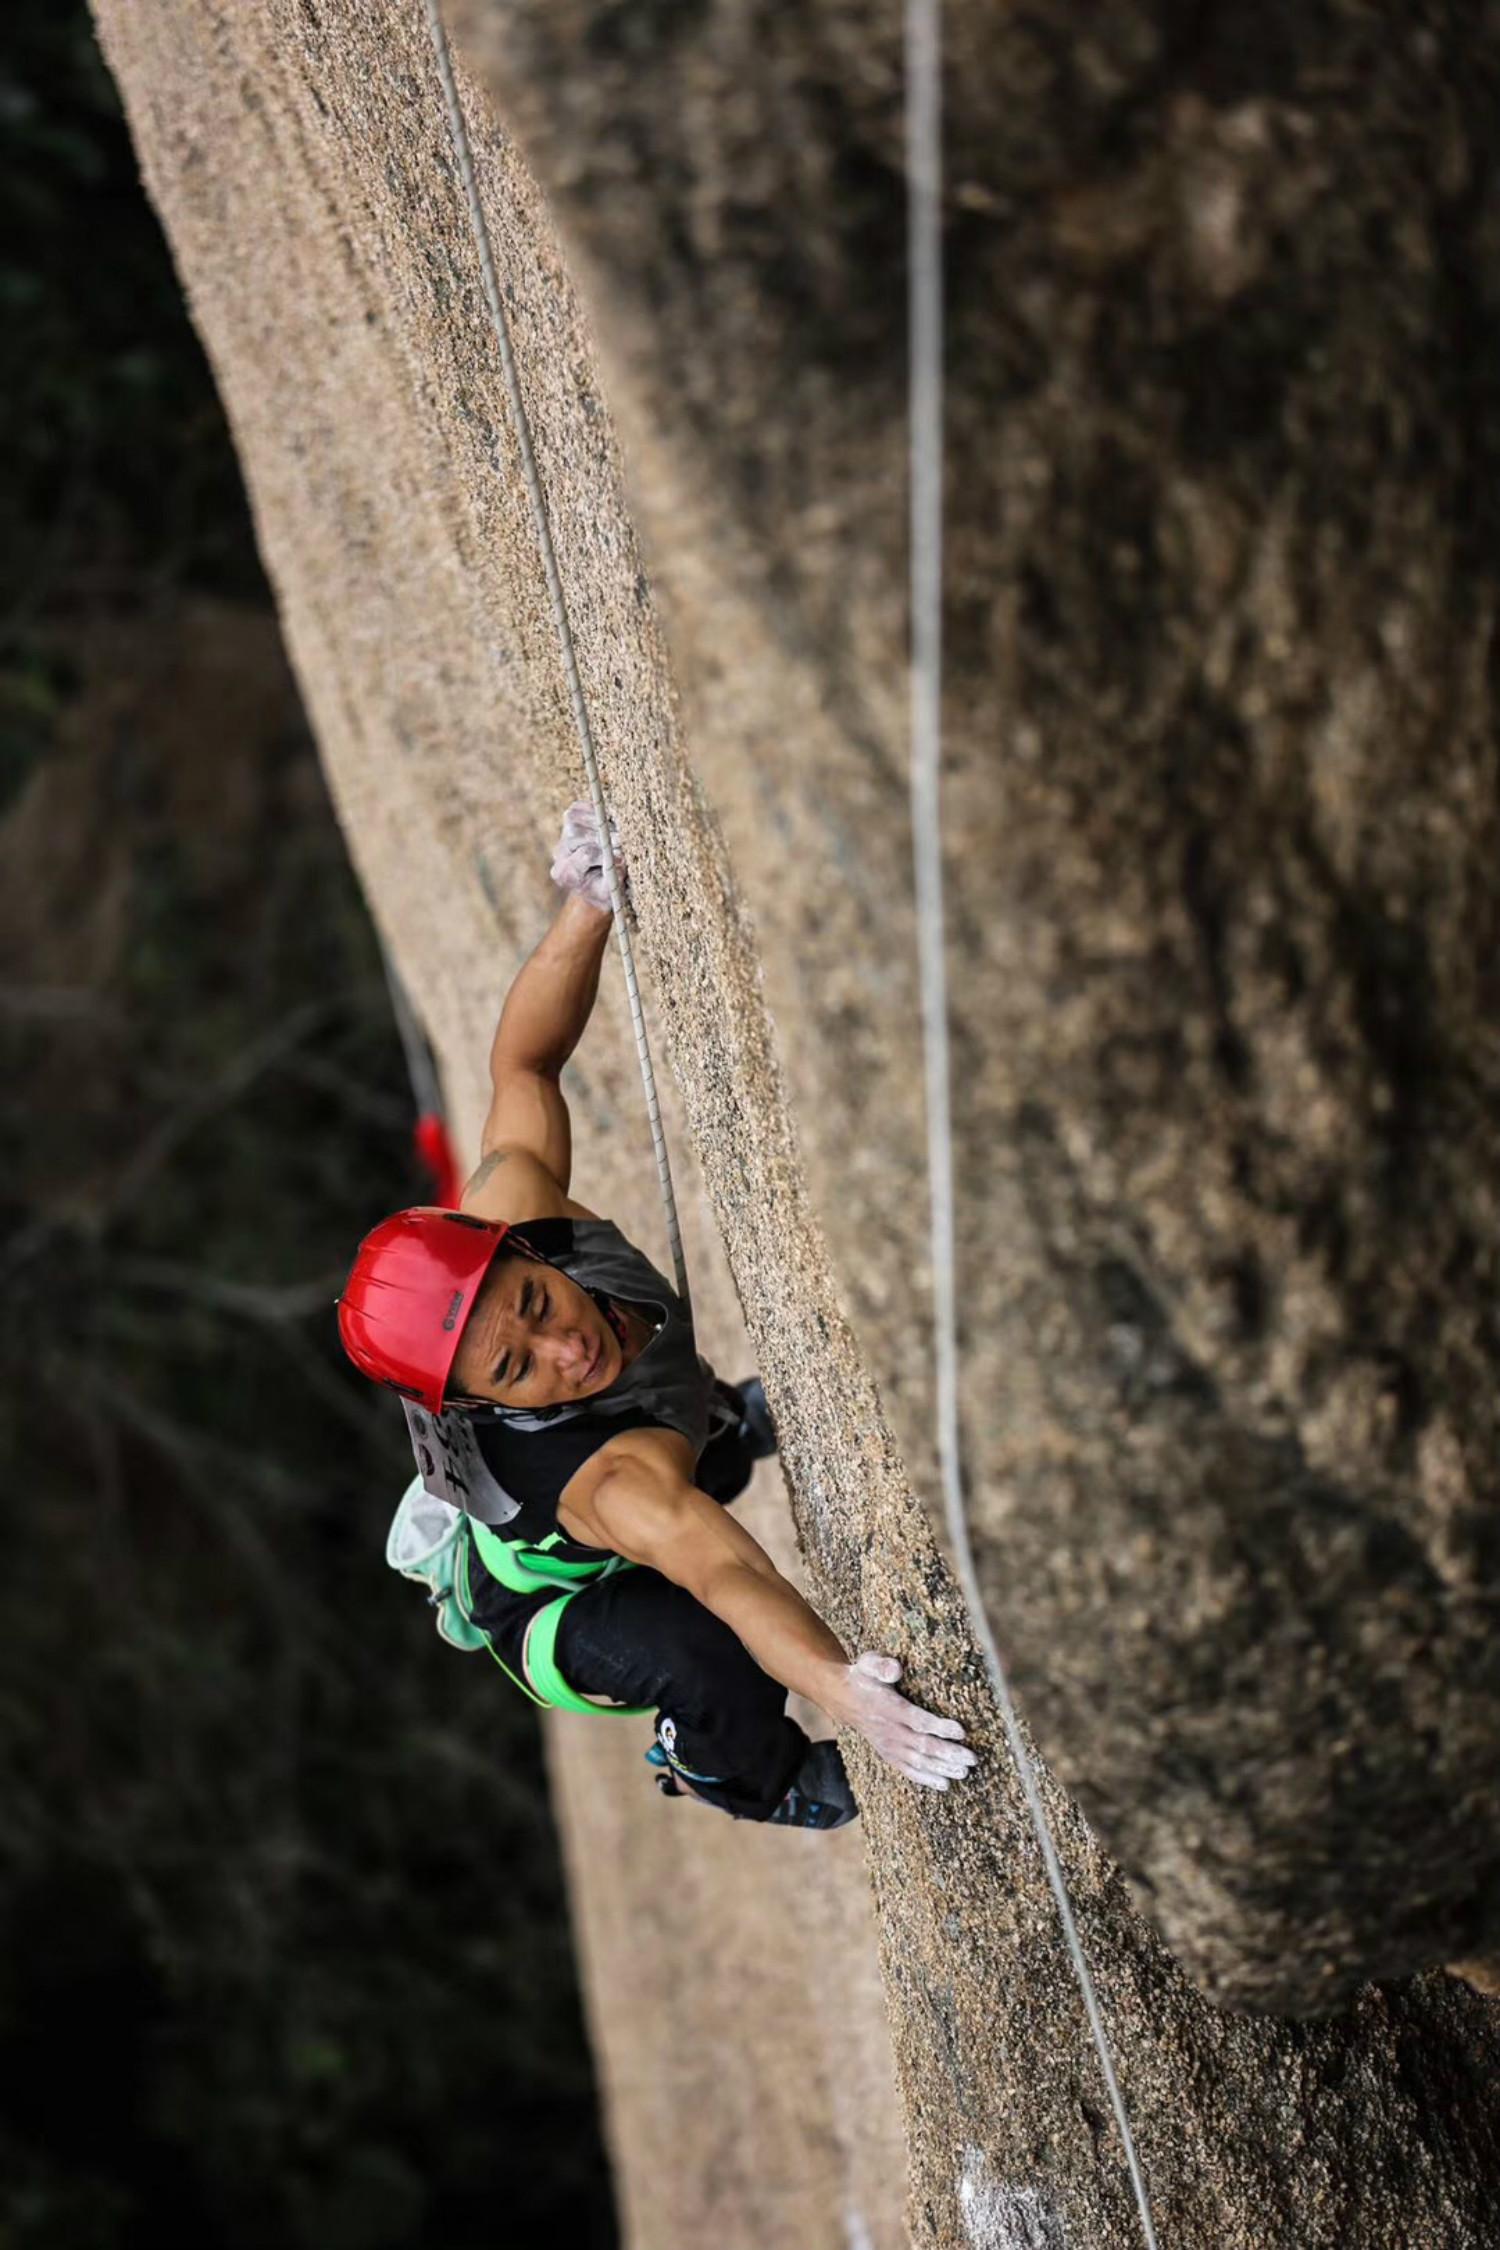 2018中国攀岩自然岩壁系列赛(驻马店嵖岈山站)圆满结束!围观天磨峰上的岩壁芭蕾!